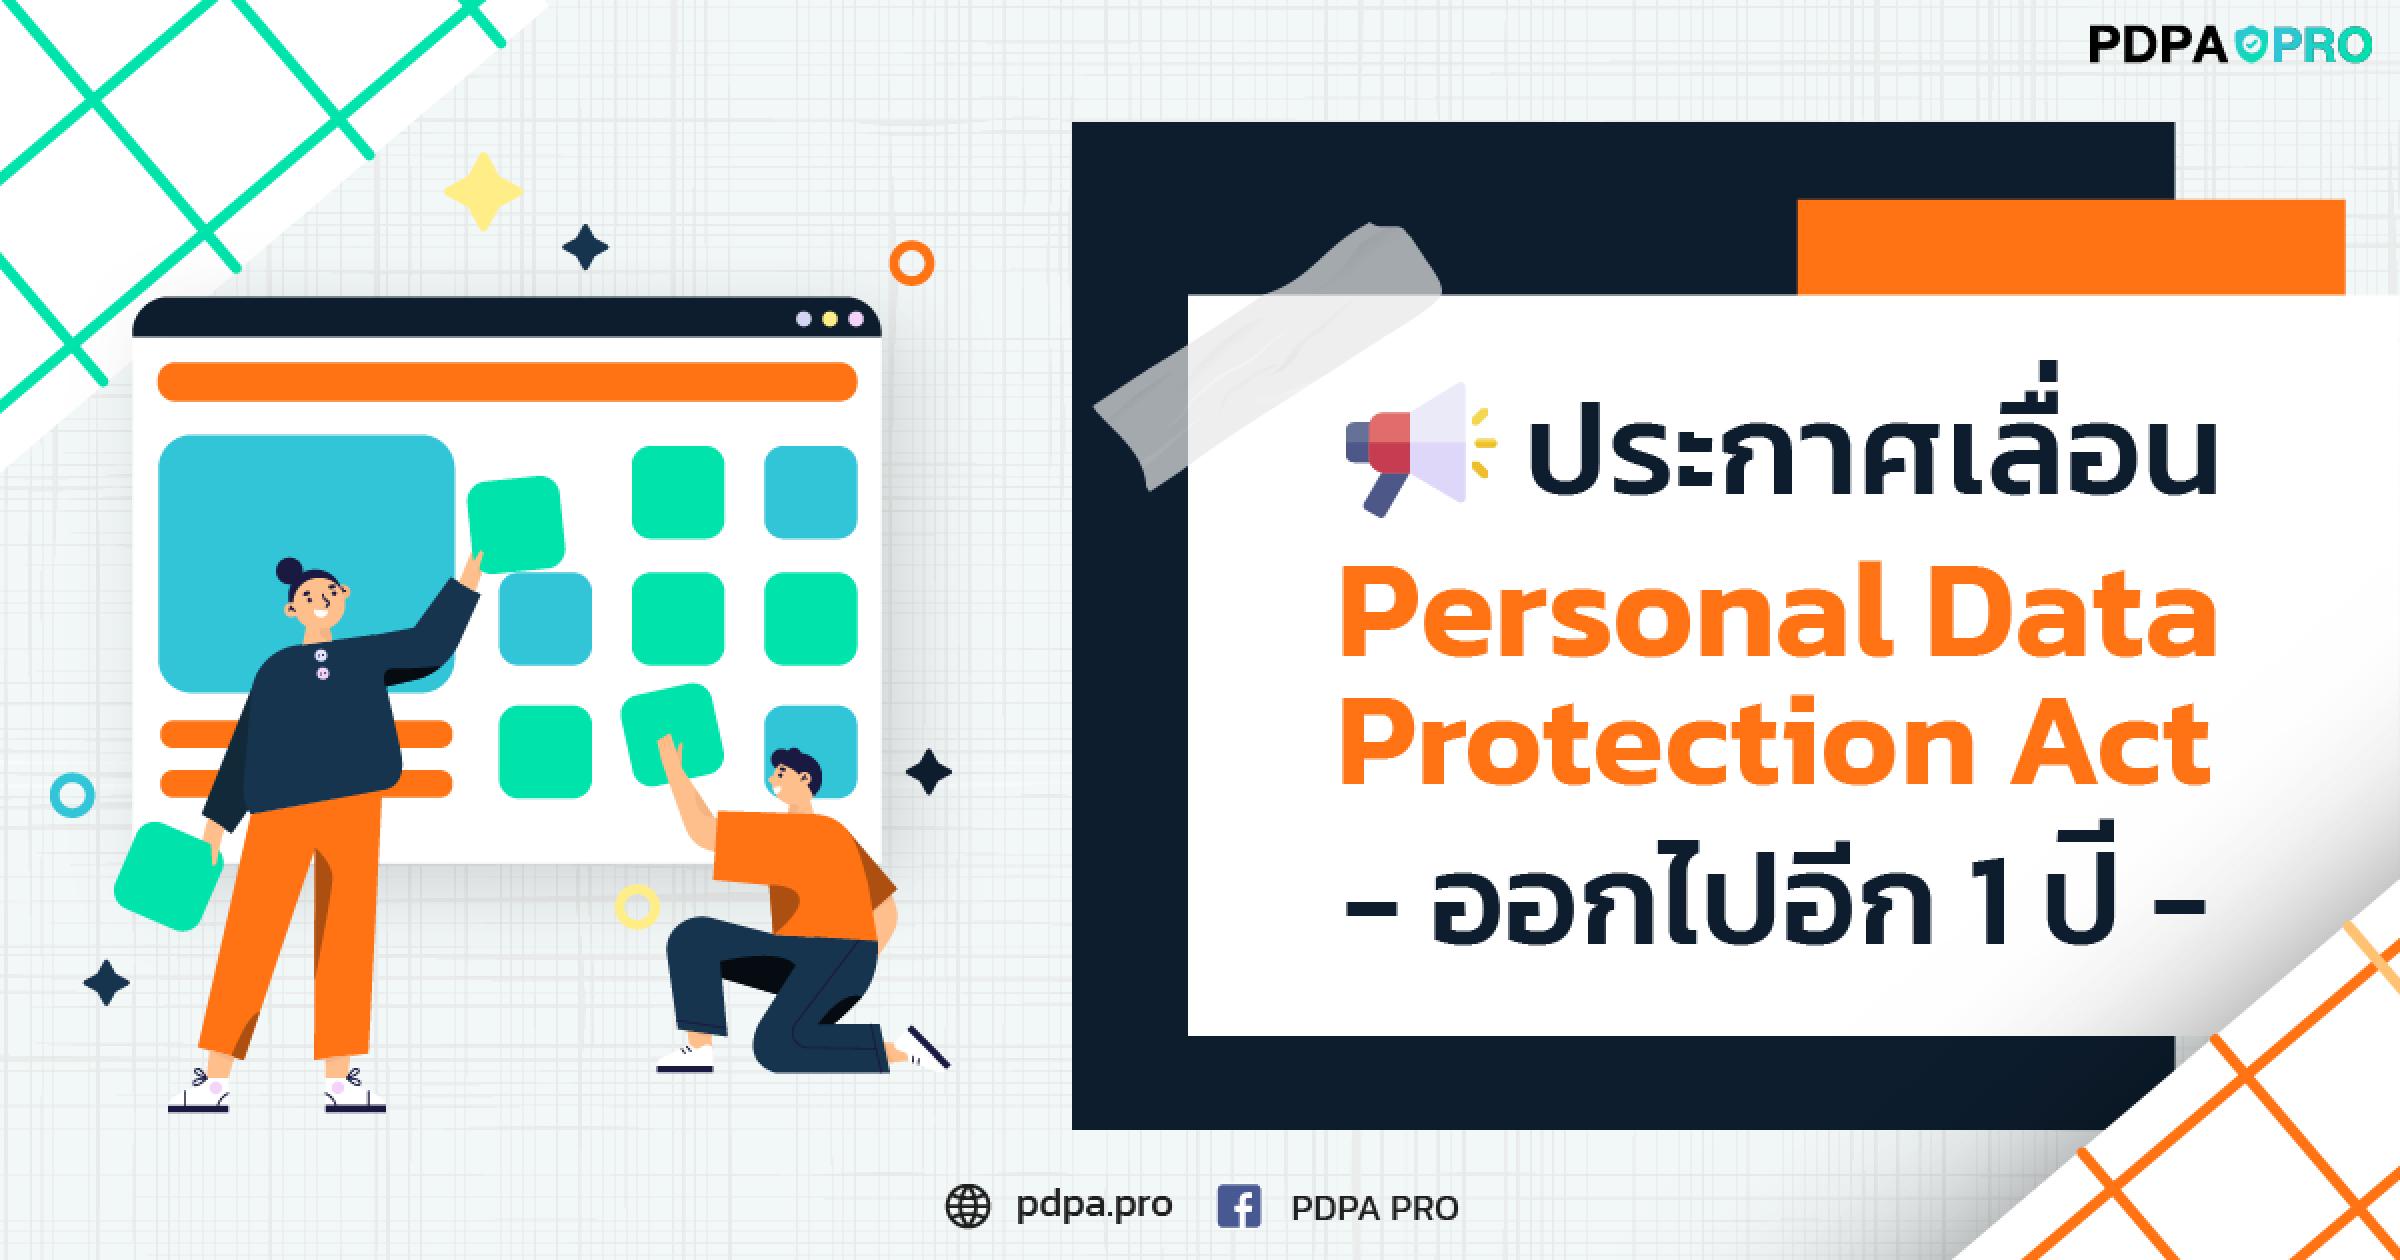 ประกาศเลื่อน Personal Data Protection Act ออกไปอีก 1 ปี